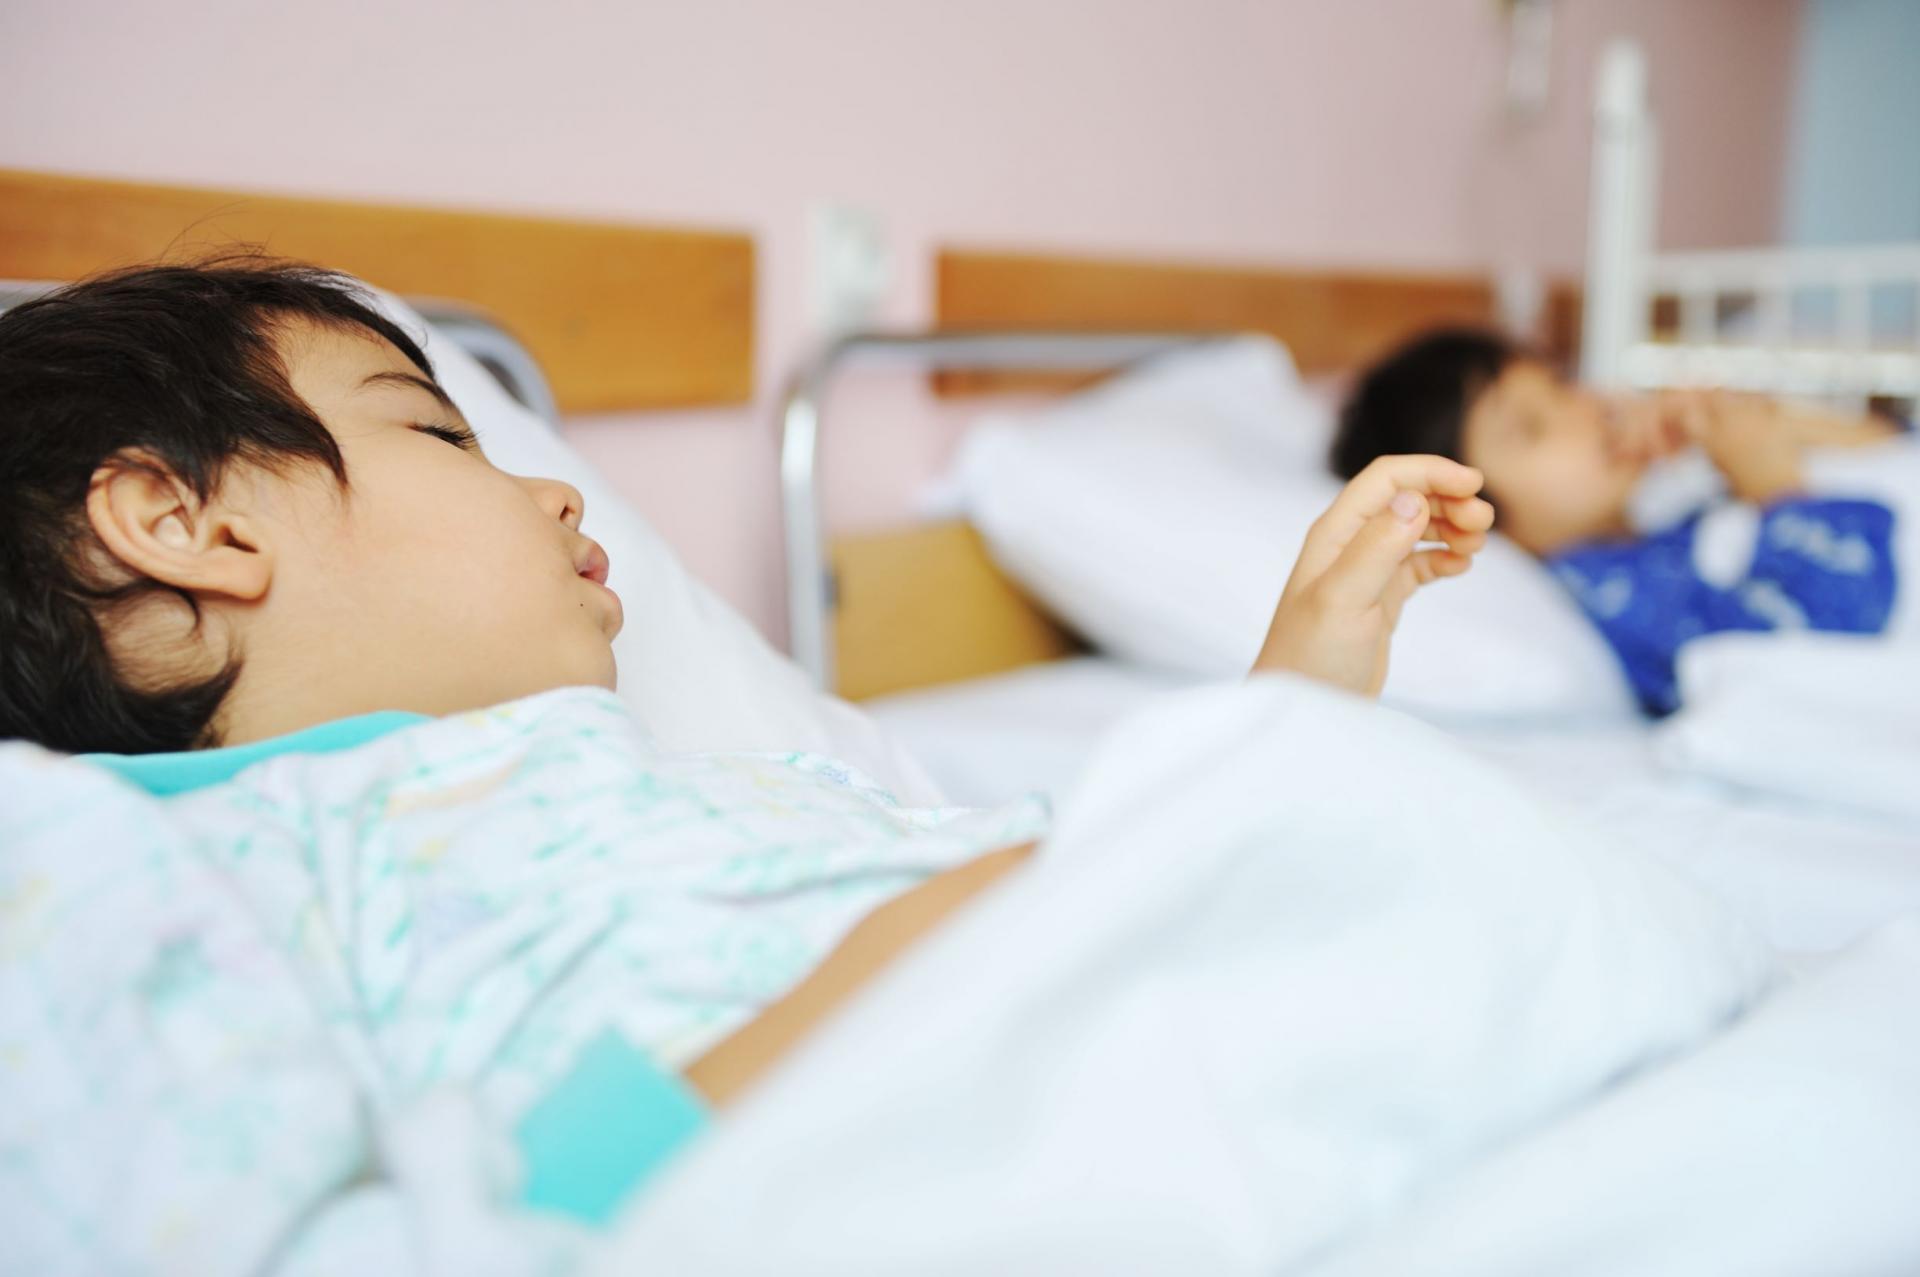 Enfant hopital